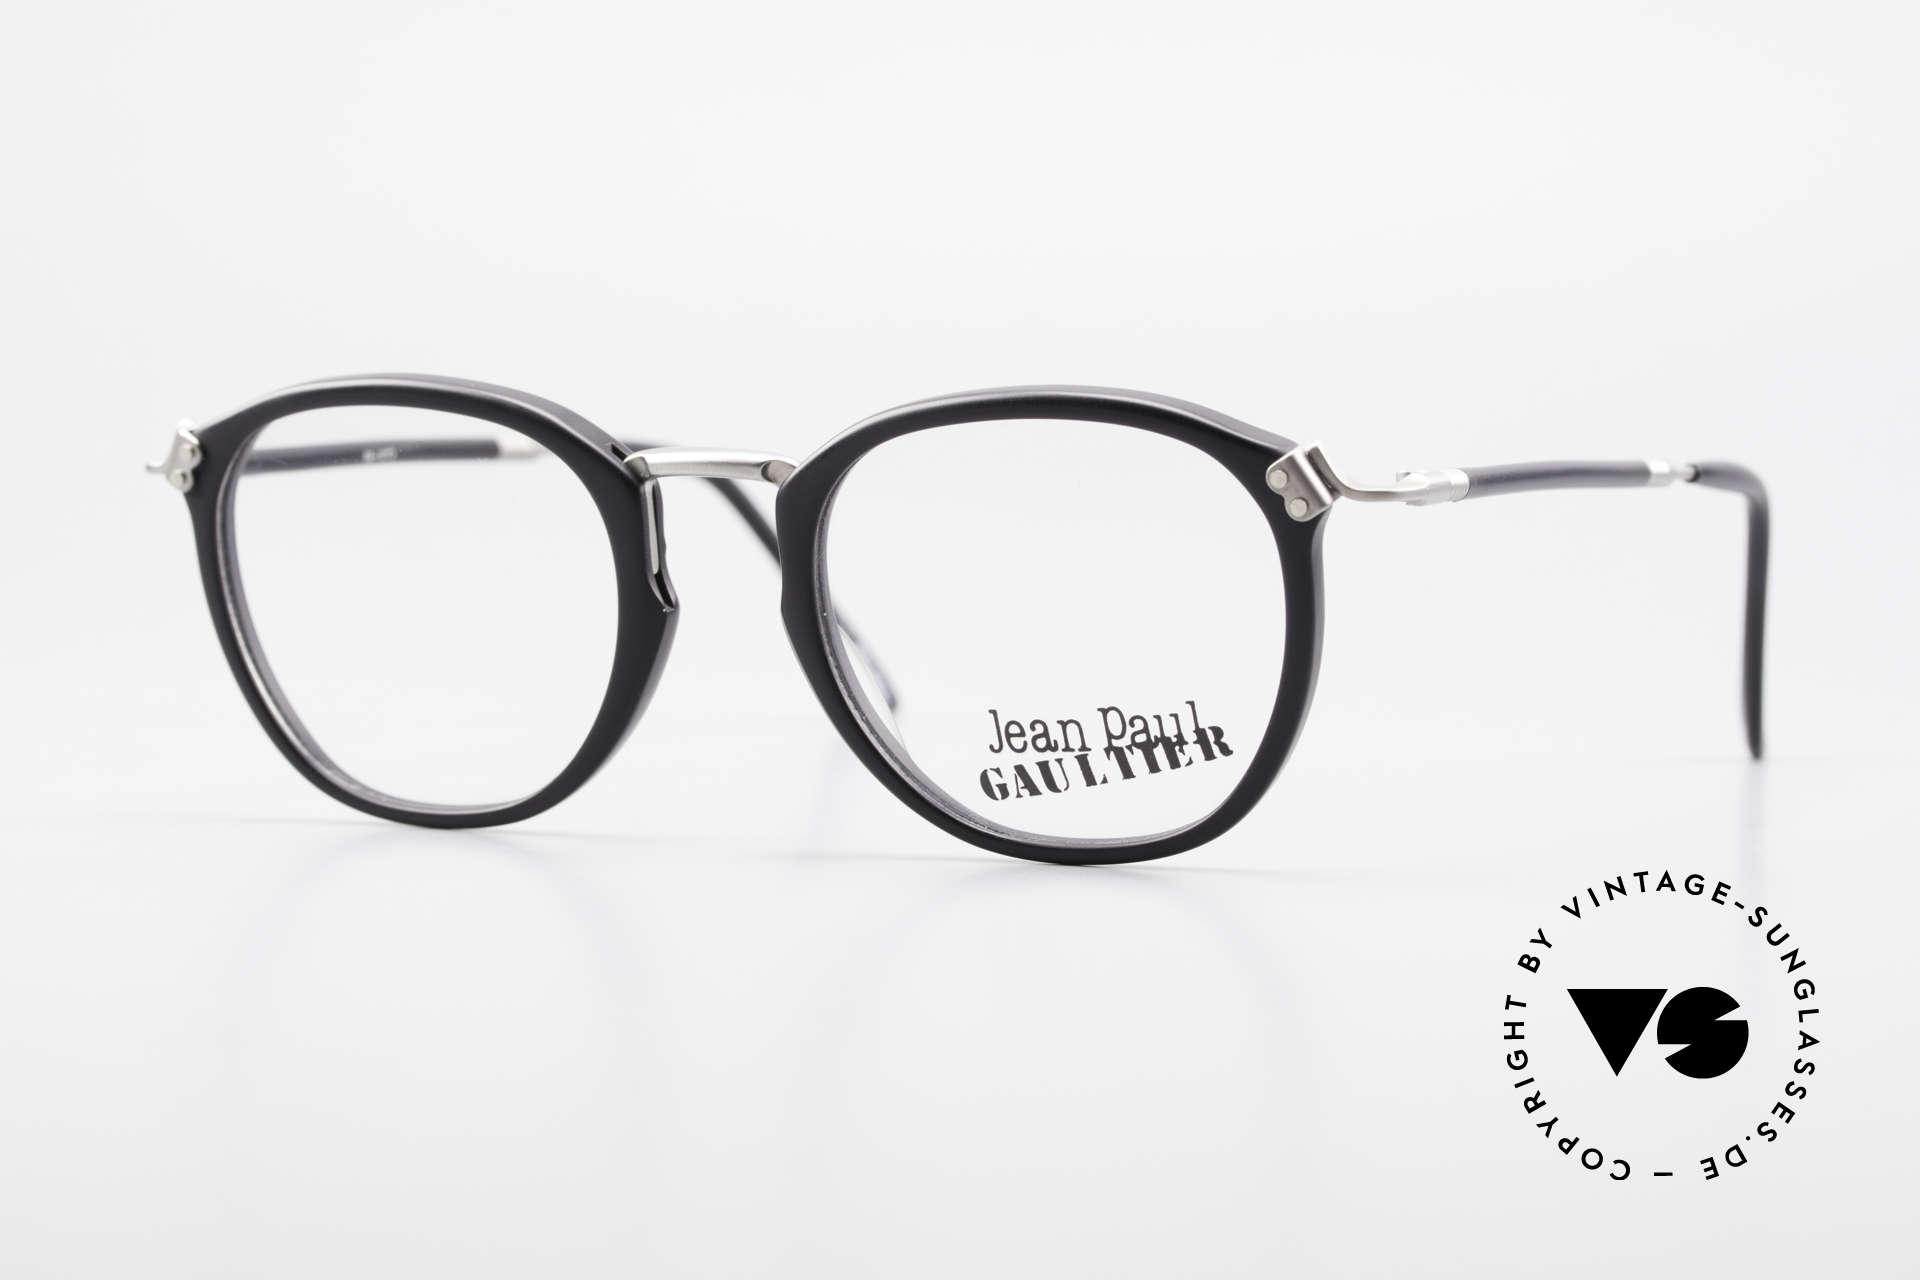 Jean Paul Gaultier 55-1272 Alte Vintage Brille No Retro, 90er Jahre Designerbrille von Jean Paul Gaultier, Paris, Passend für Herren und Damen